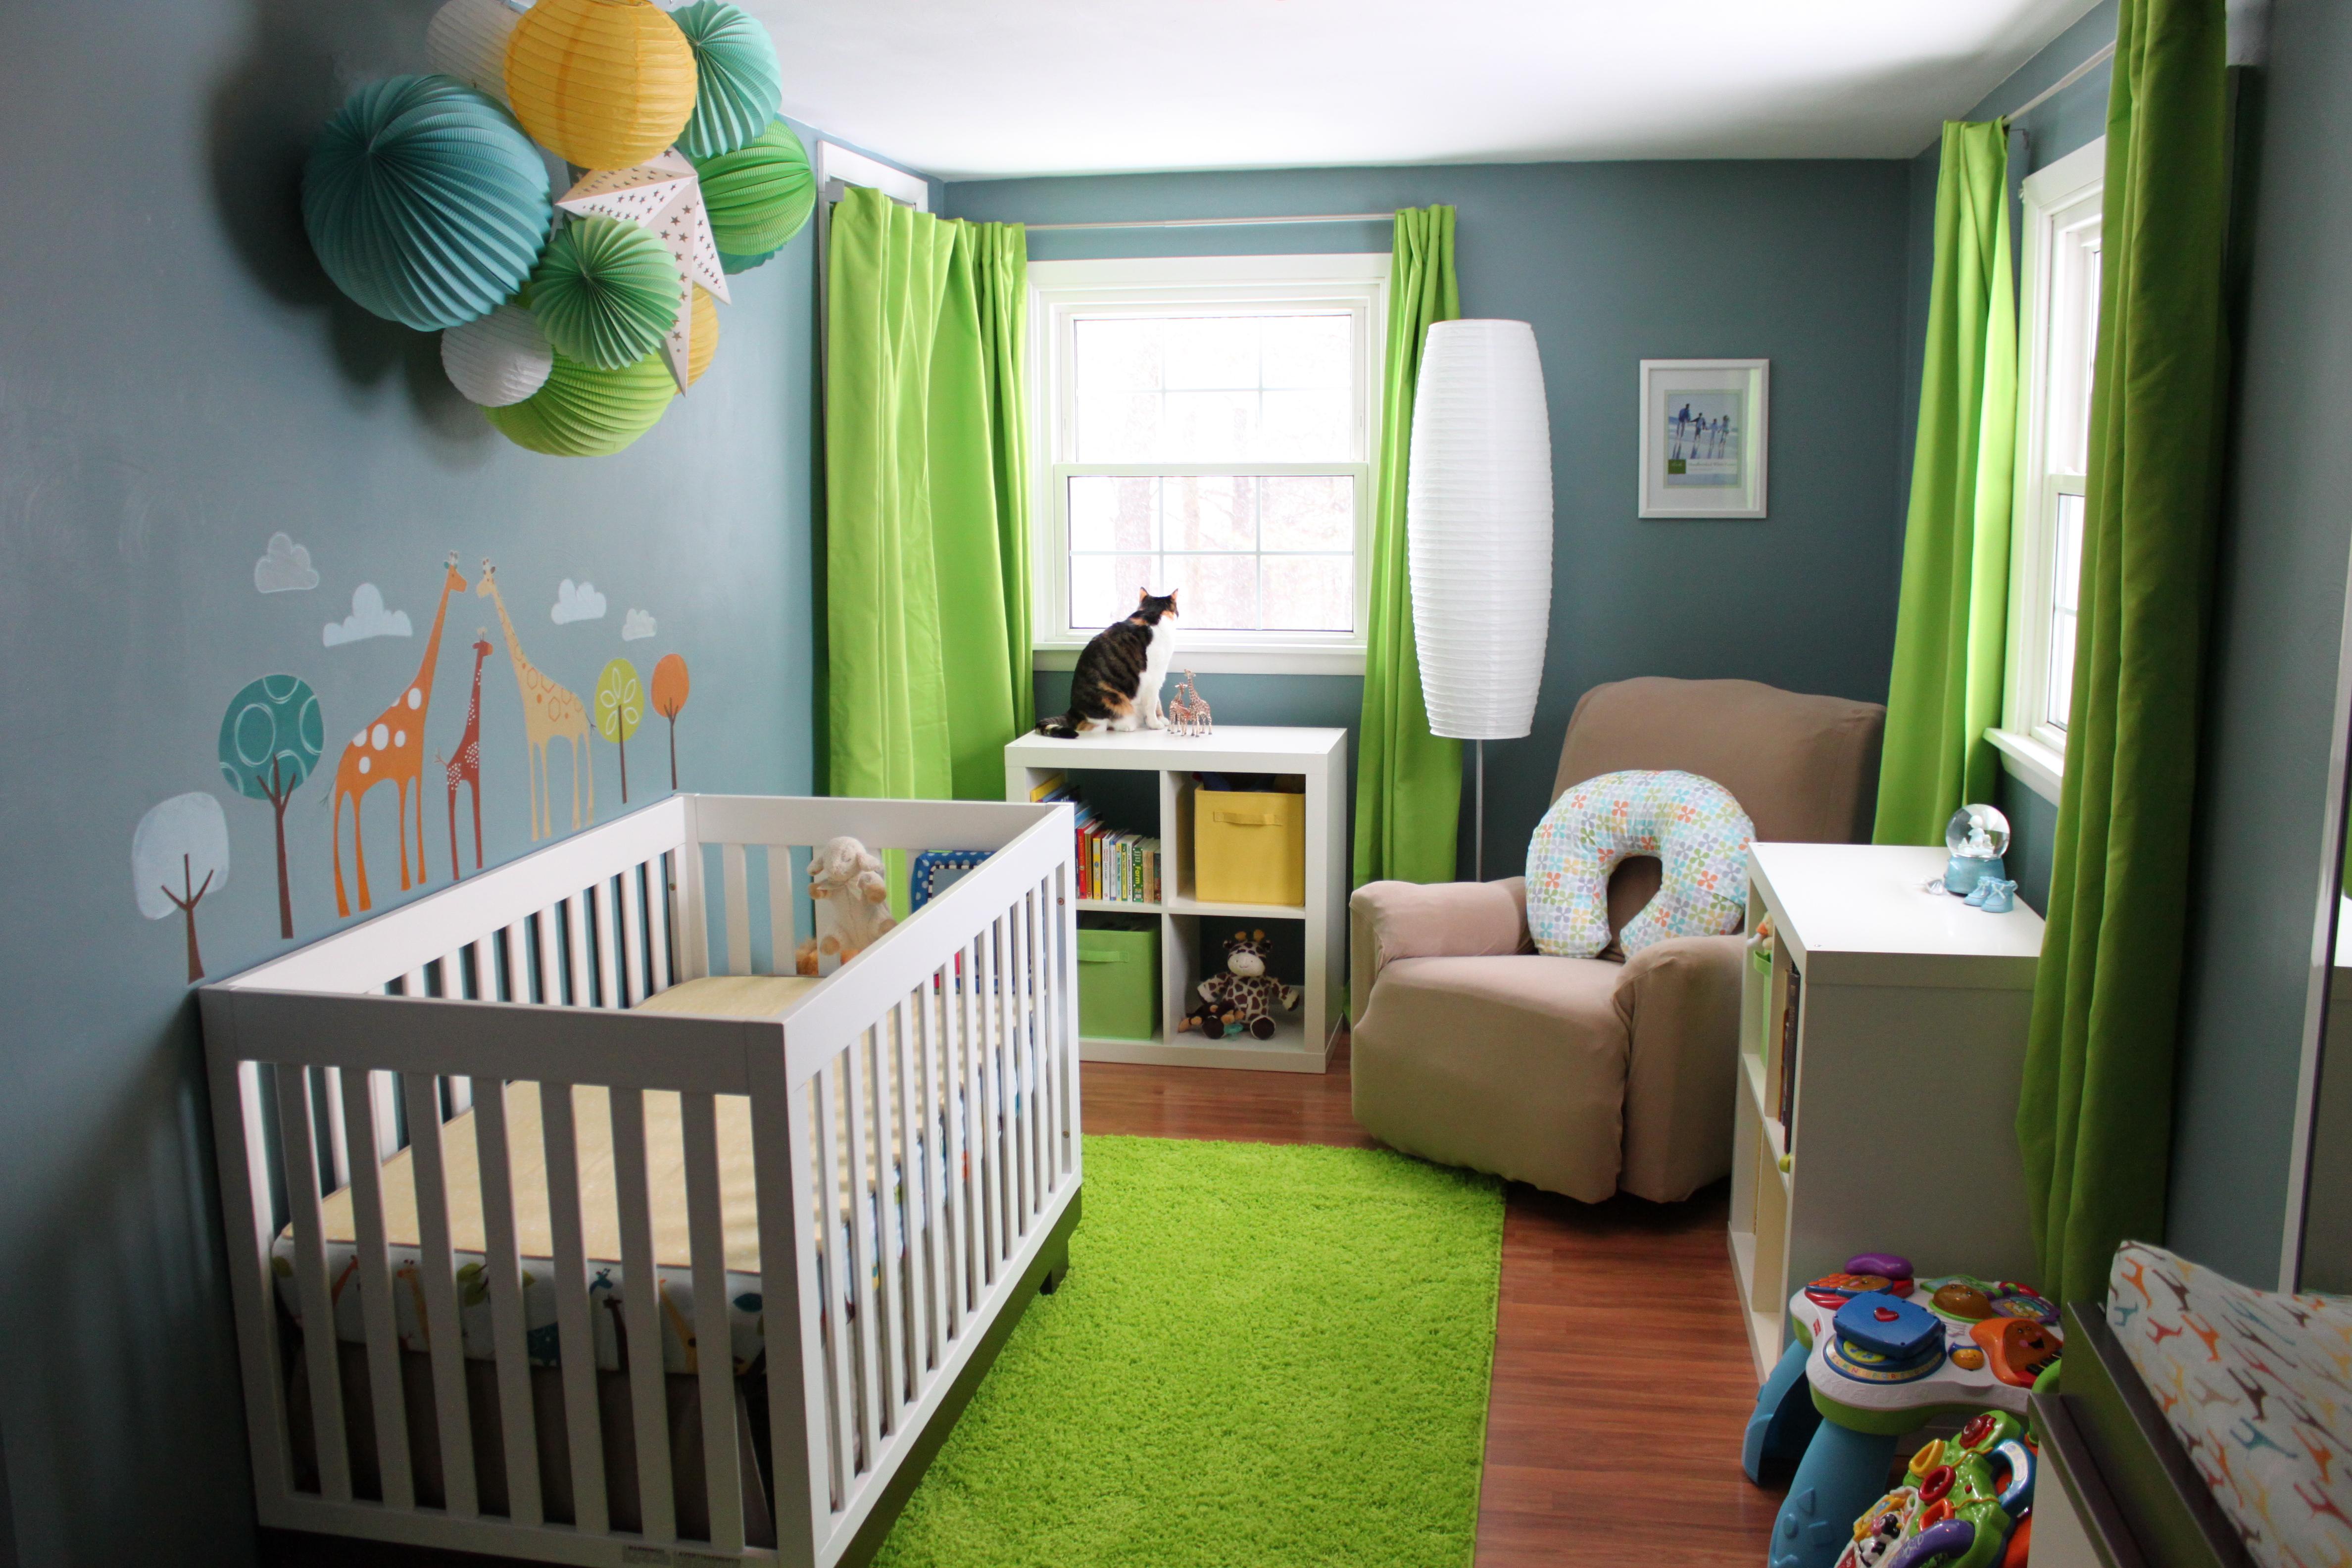 5 базовых советов,  как правильно обустроить детскую комнату с учетом возраста ребенка